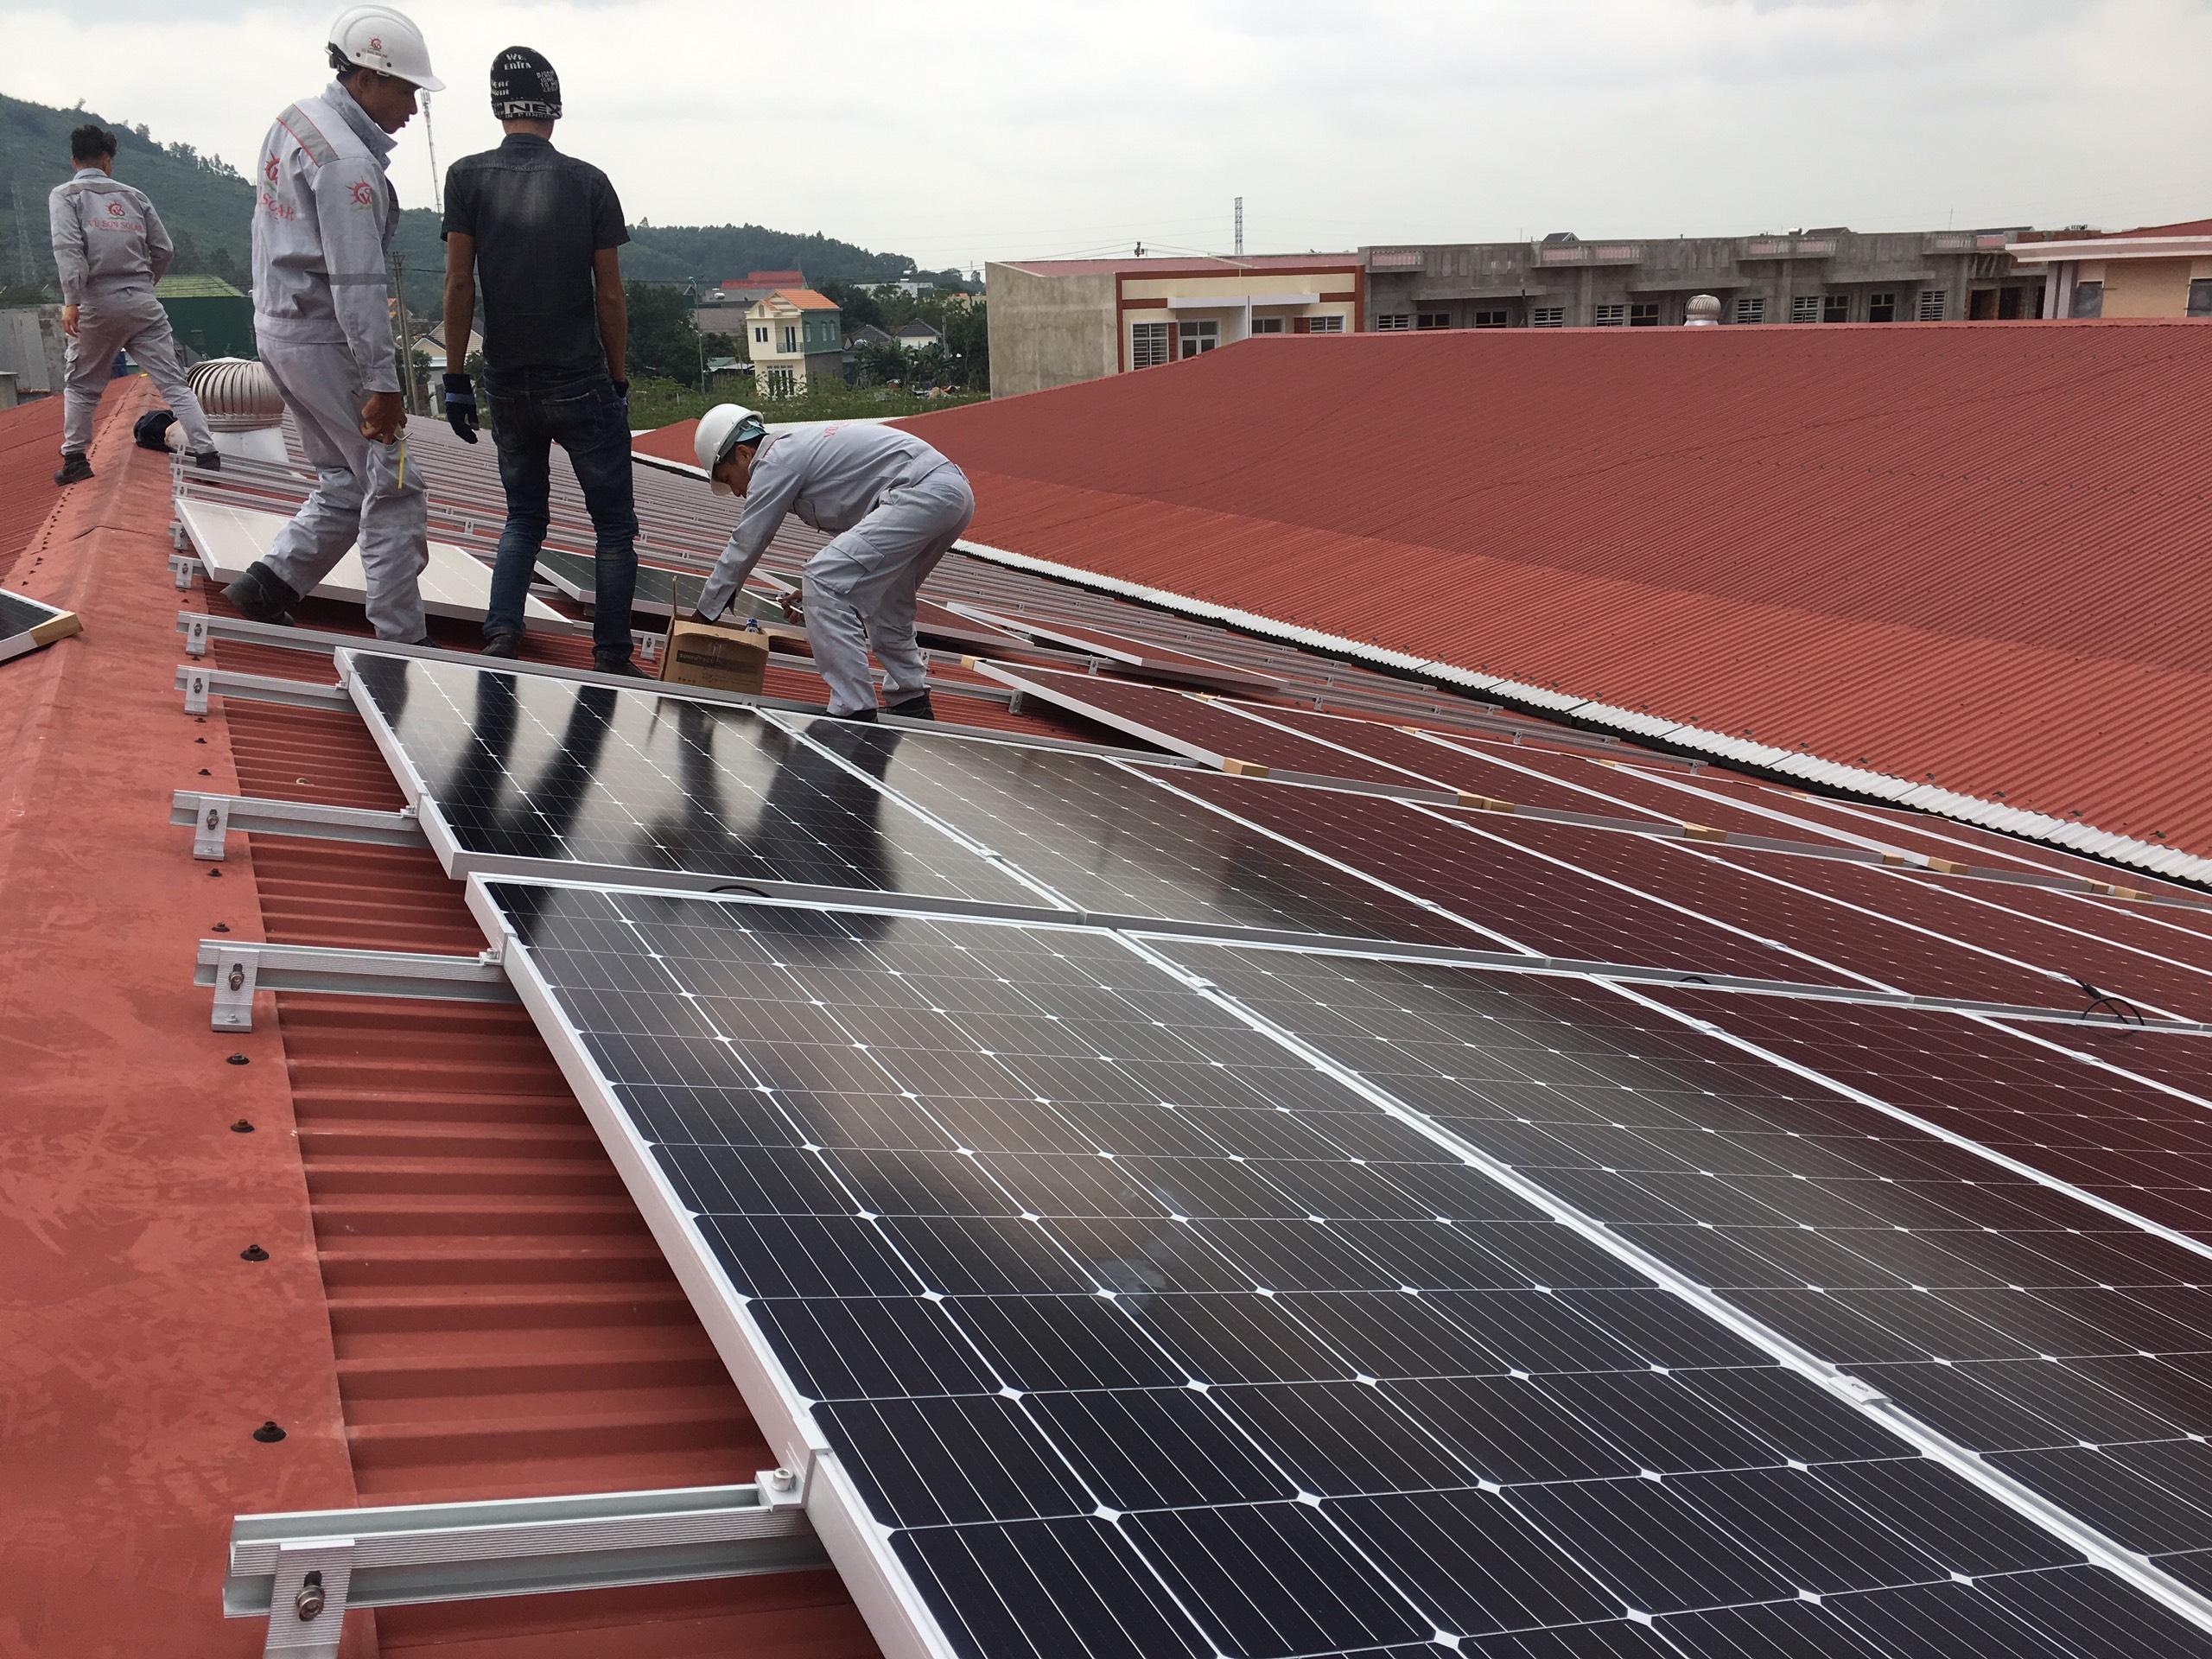 Tự lắp đặt điện năng lượng mặt trời